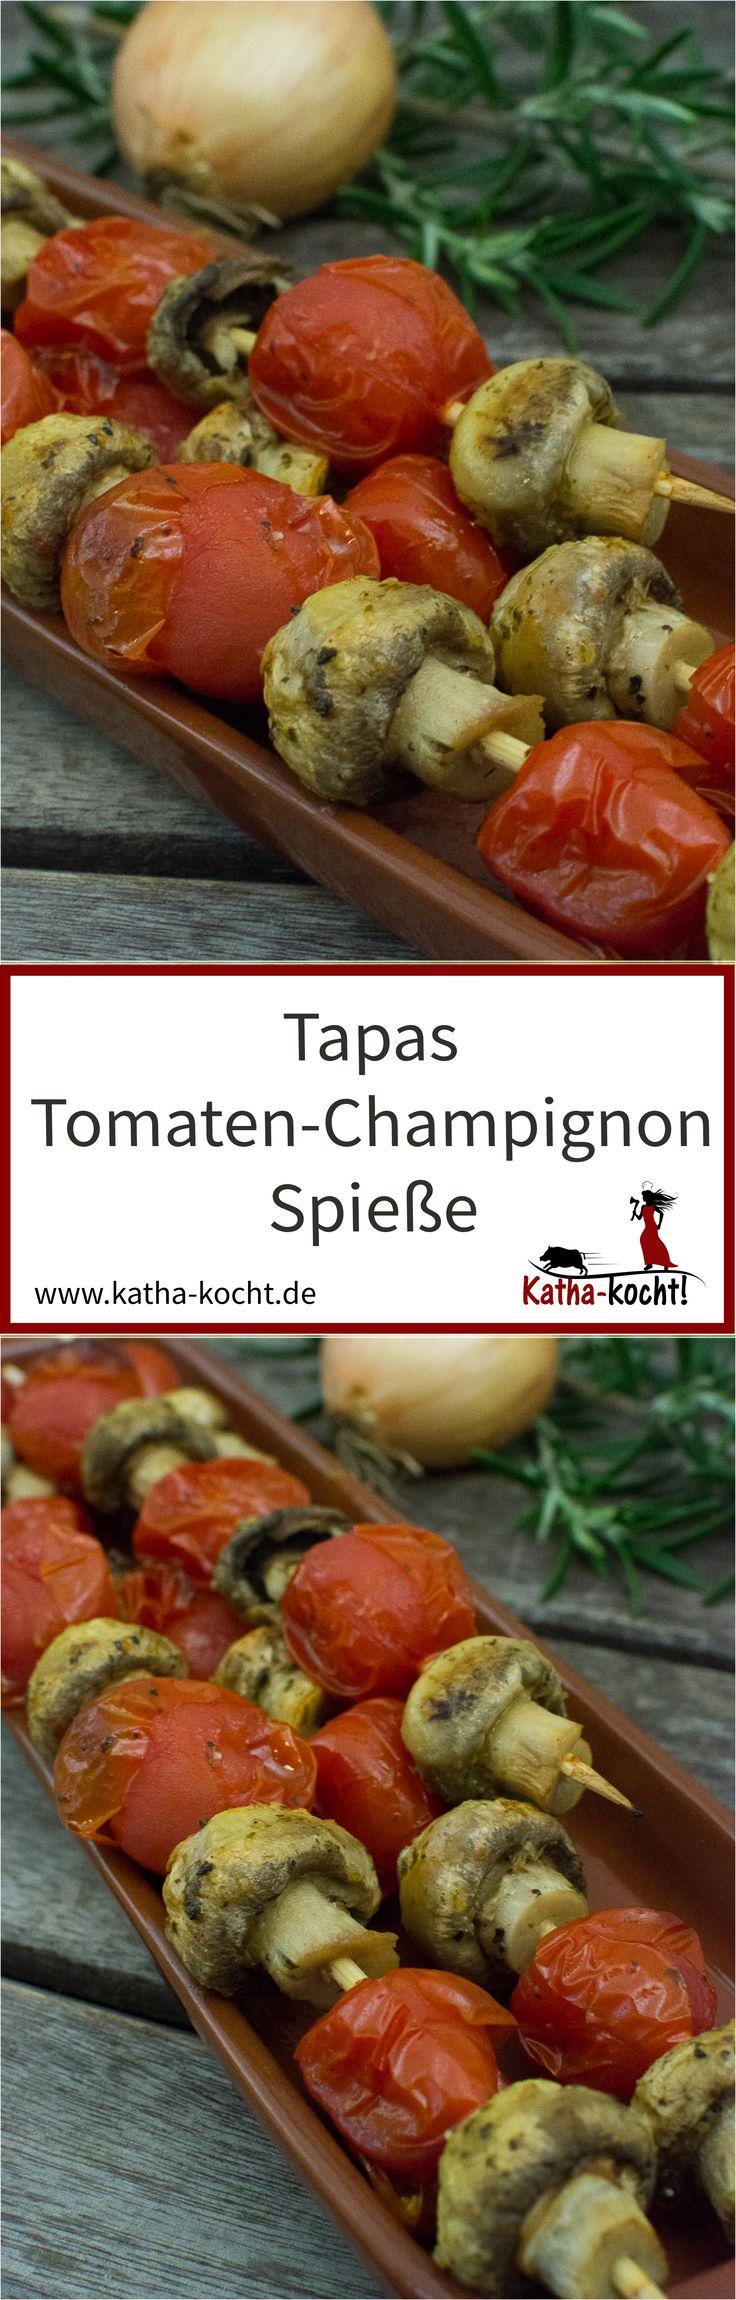 Egal ob als Tapas oder zum Grill - diese vegetarischen Tomaten-Champignon Spieße sind super lecker und absolut unkompliziert vorzubereiten. Das Rezept gibt es auf katha-kocht!